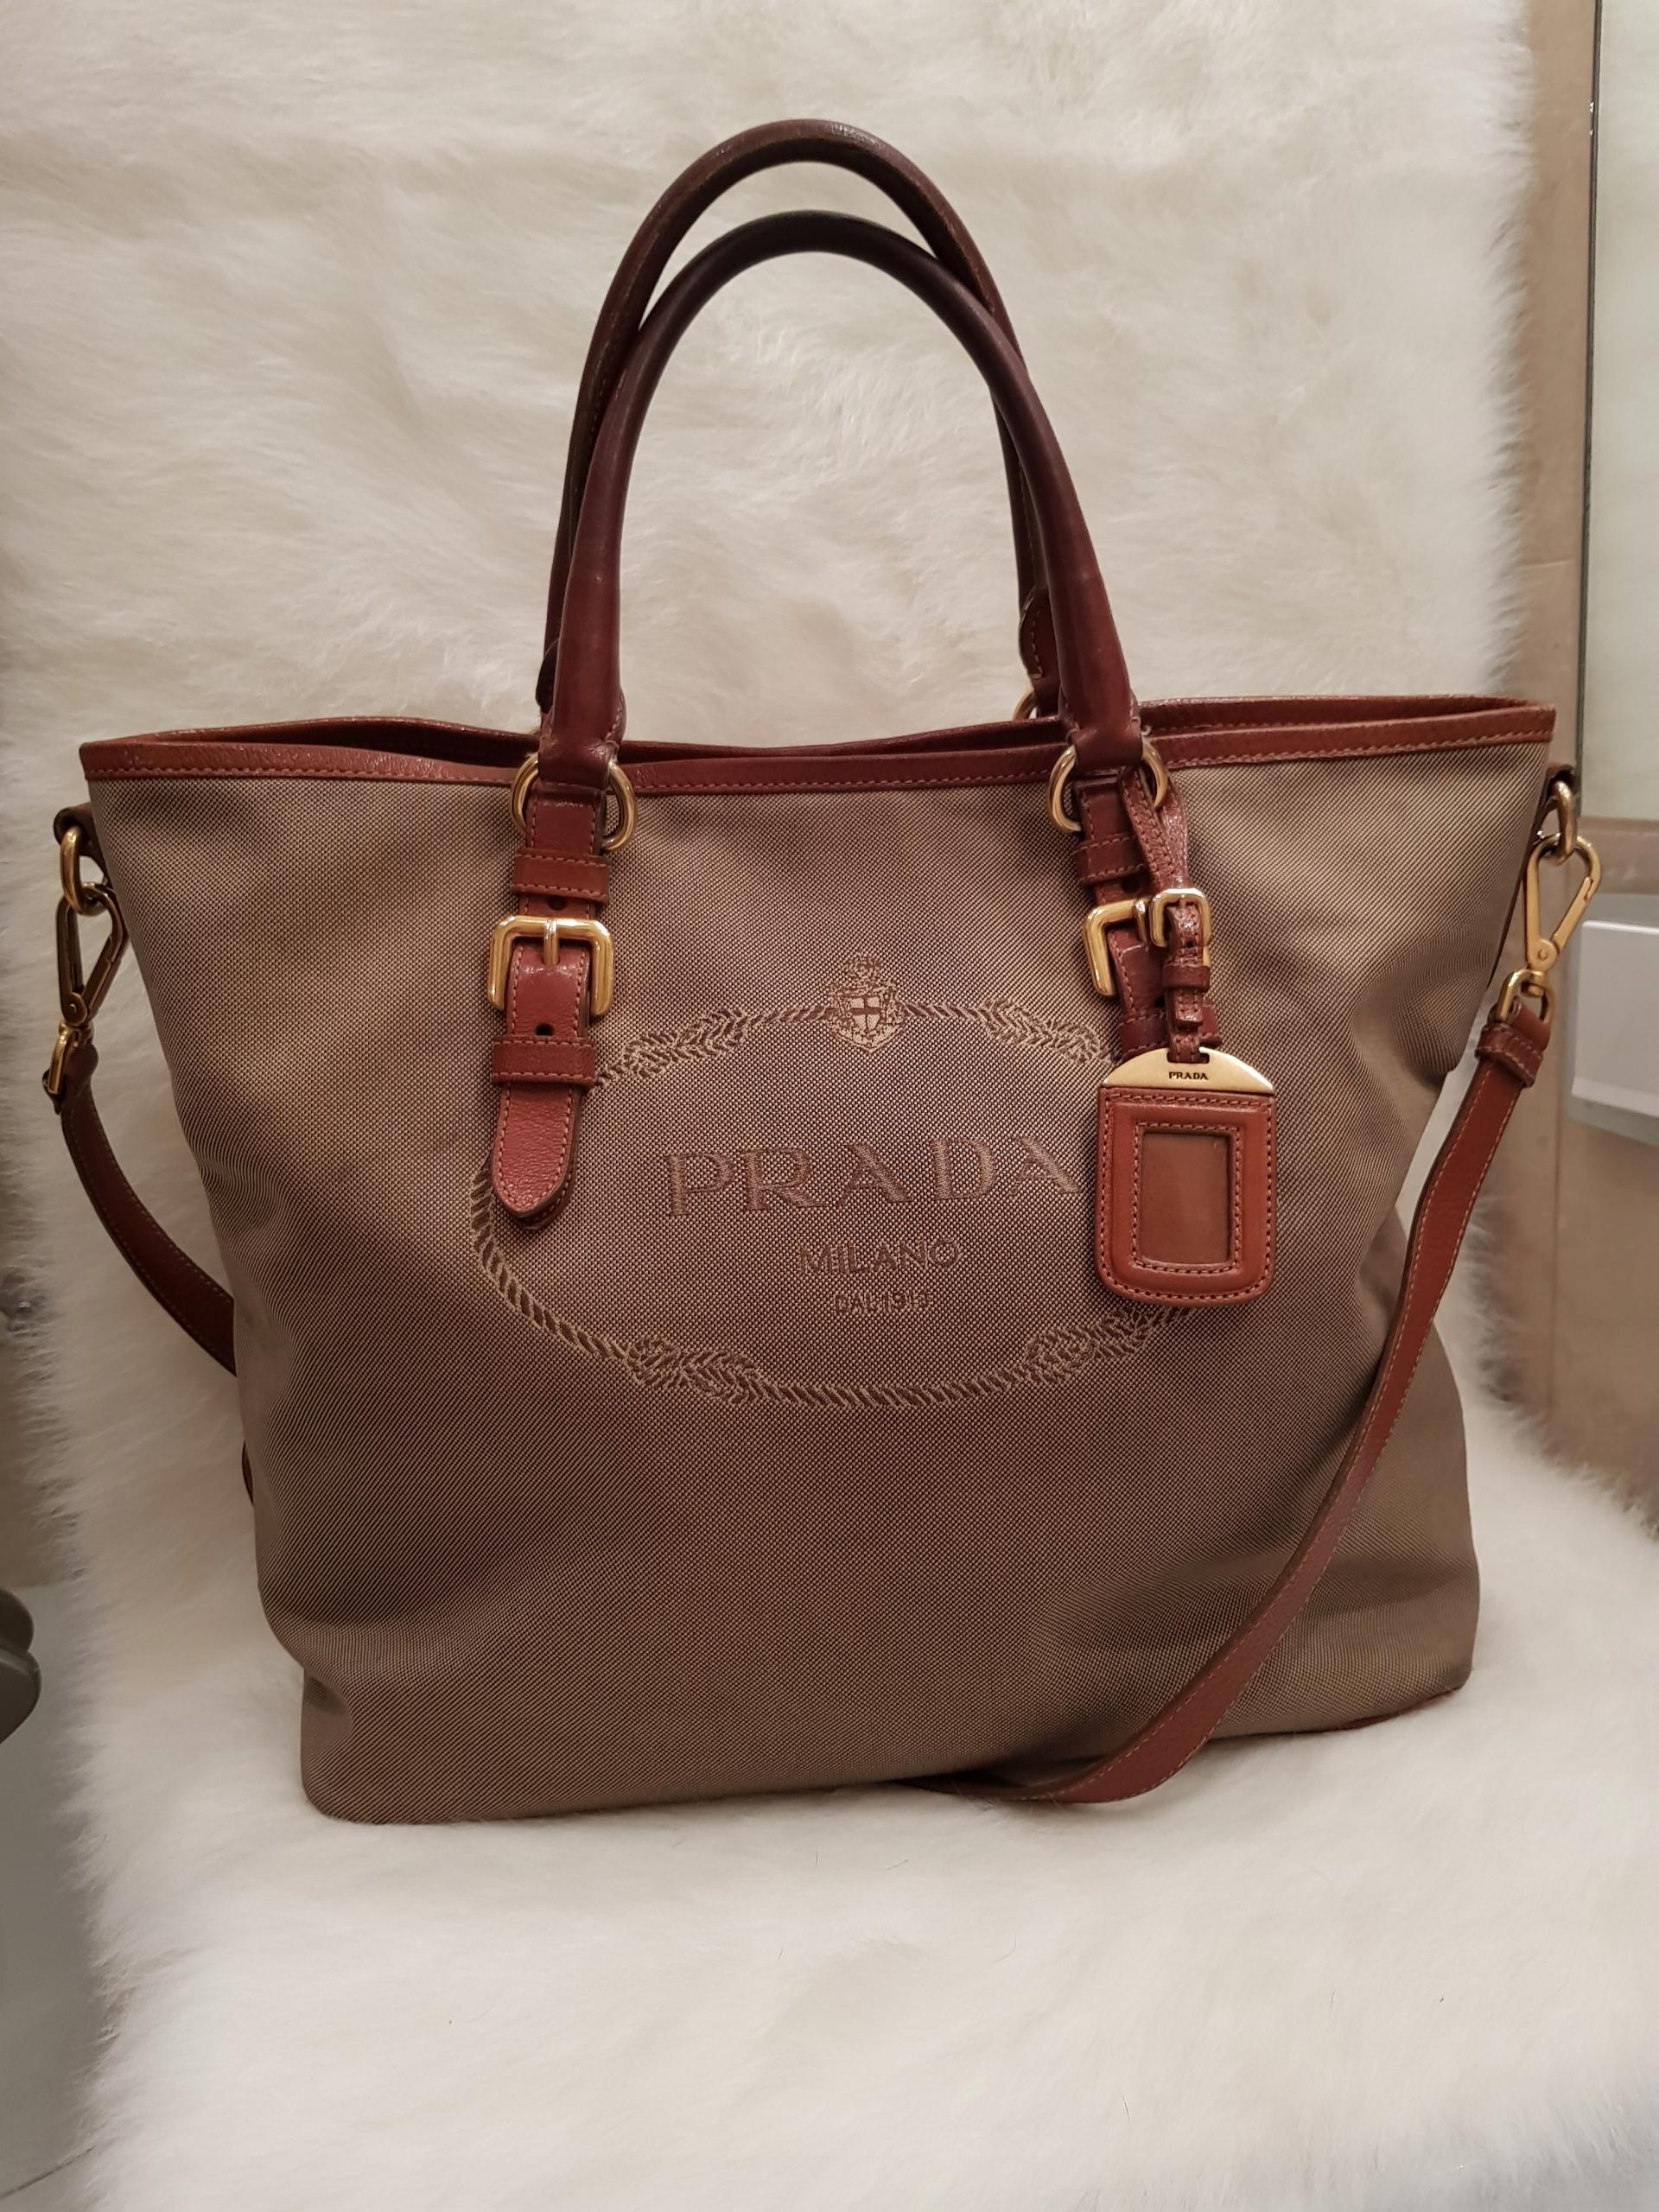 649274f4433f2 bag torebki w Oficjalnym Archiwum Allegro - archiwum ofert